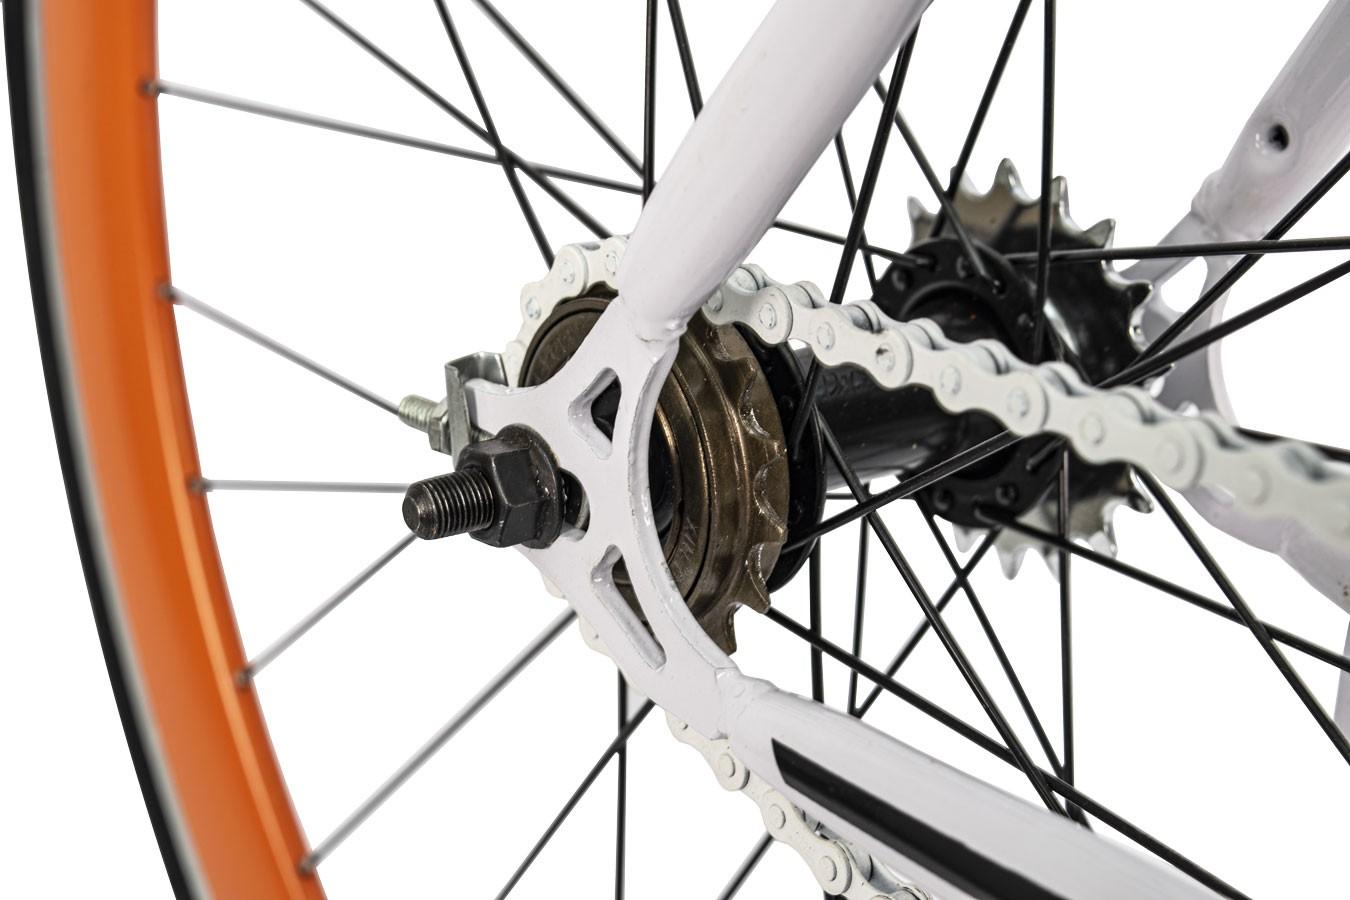 Bicicleta 700 Fixa 52cm - Tetrapode